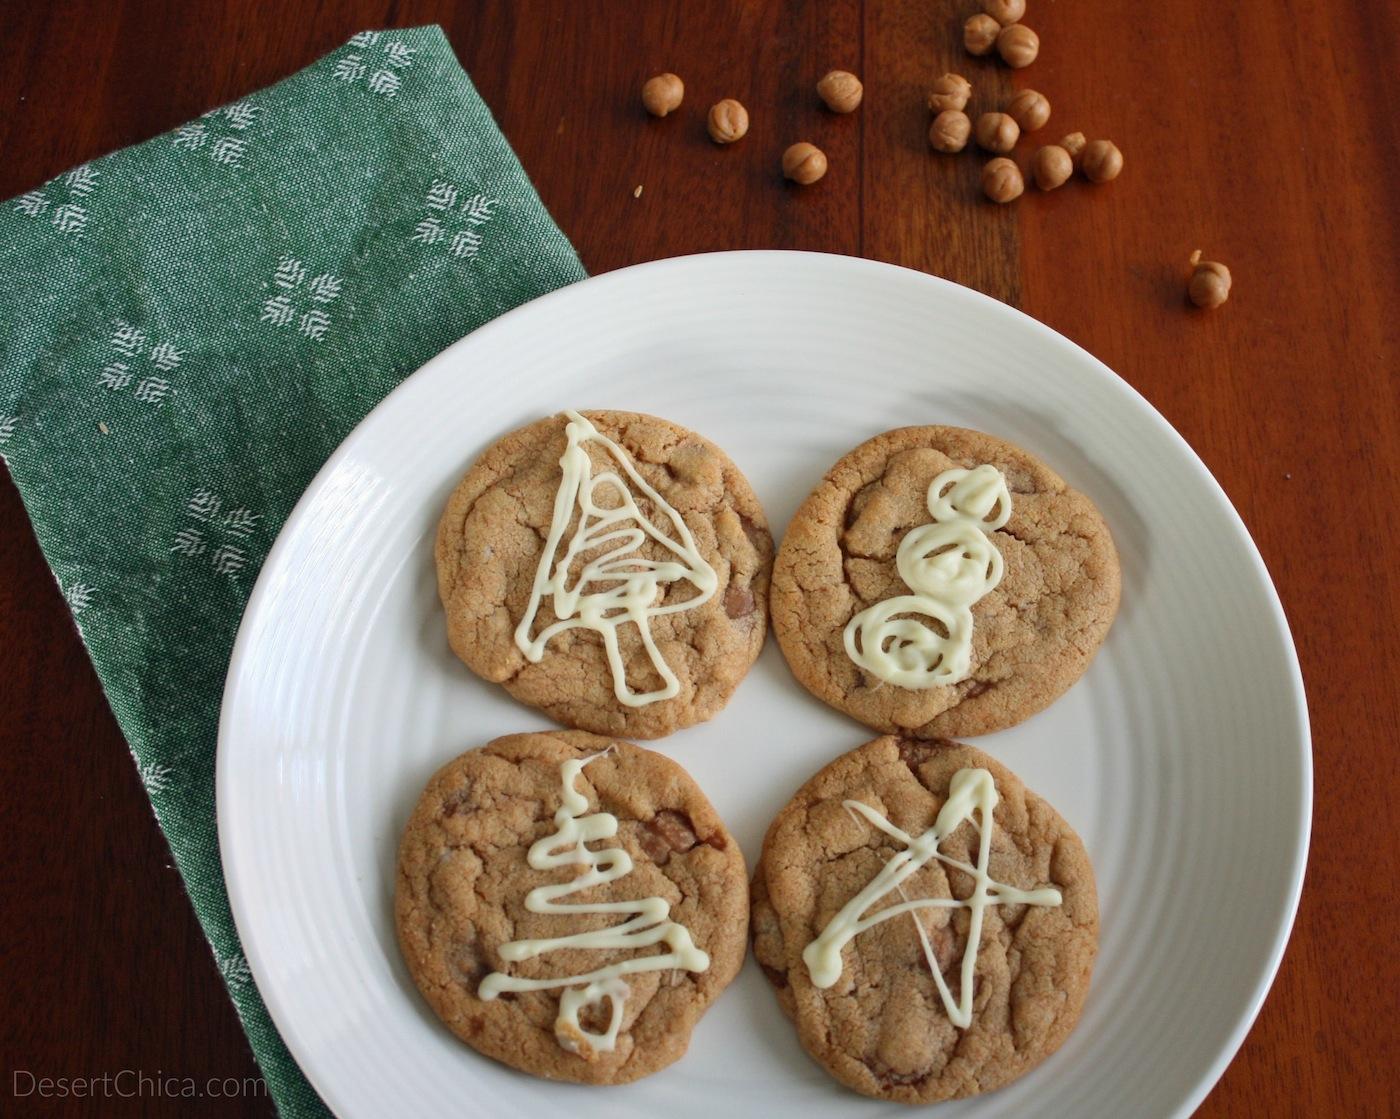 Thanksgiving Caramel Pumpkin Spice Cookies